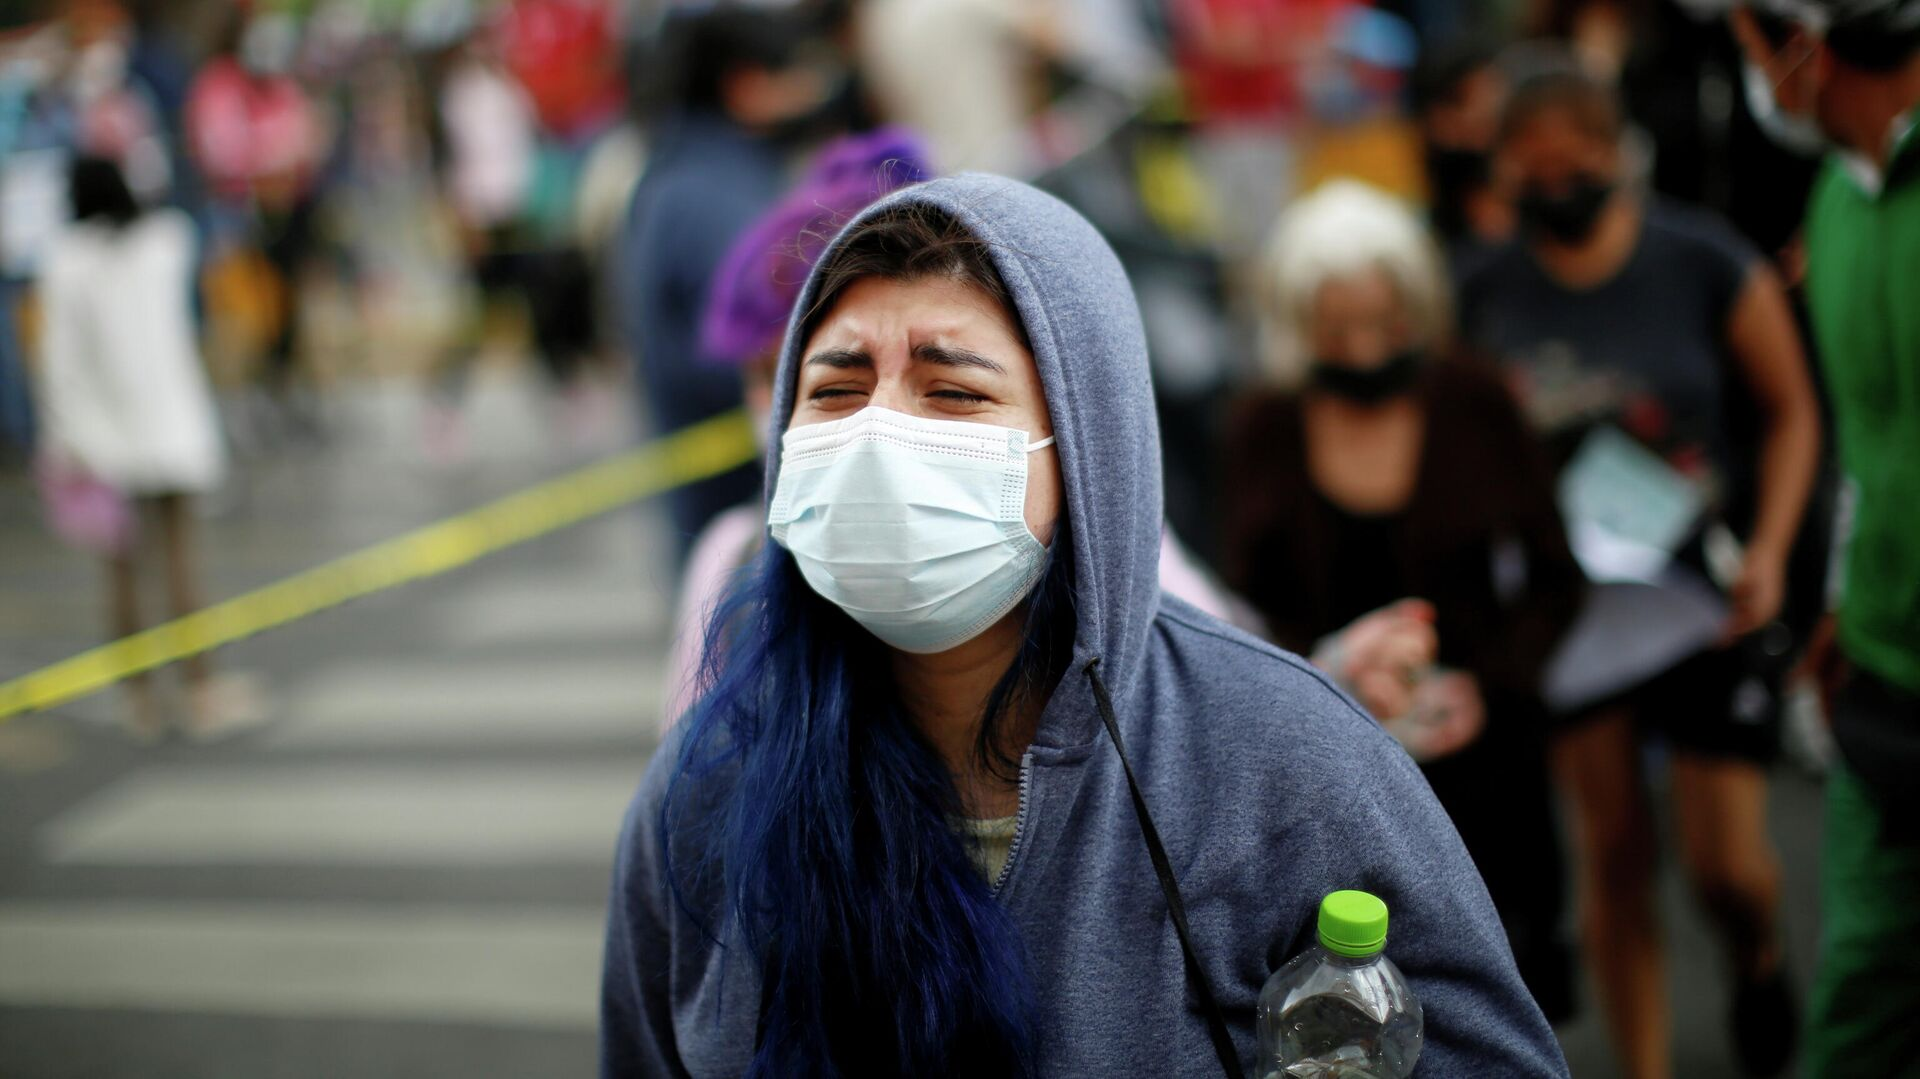 Una mujer reacciona mientras entra a una escuela para recibir una dosis de la vacuna Sputnik V, Ciudad de México, el 30 de julio de 2021  - Sputnik Mundo, 1920, 03.08.2021